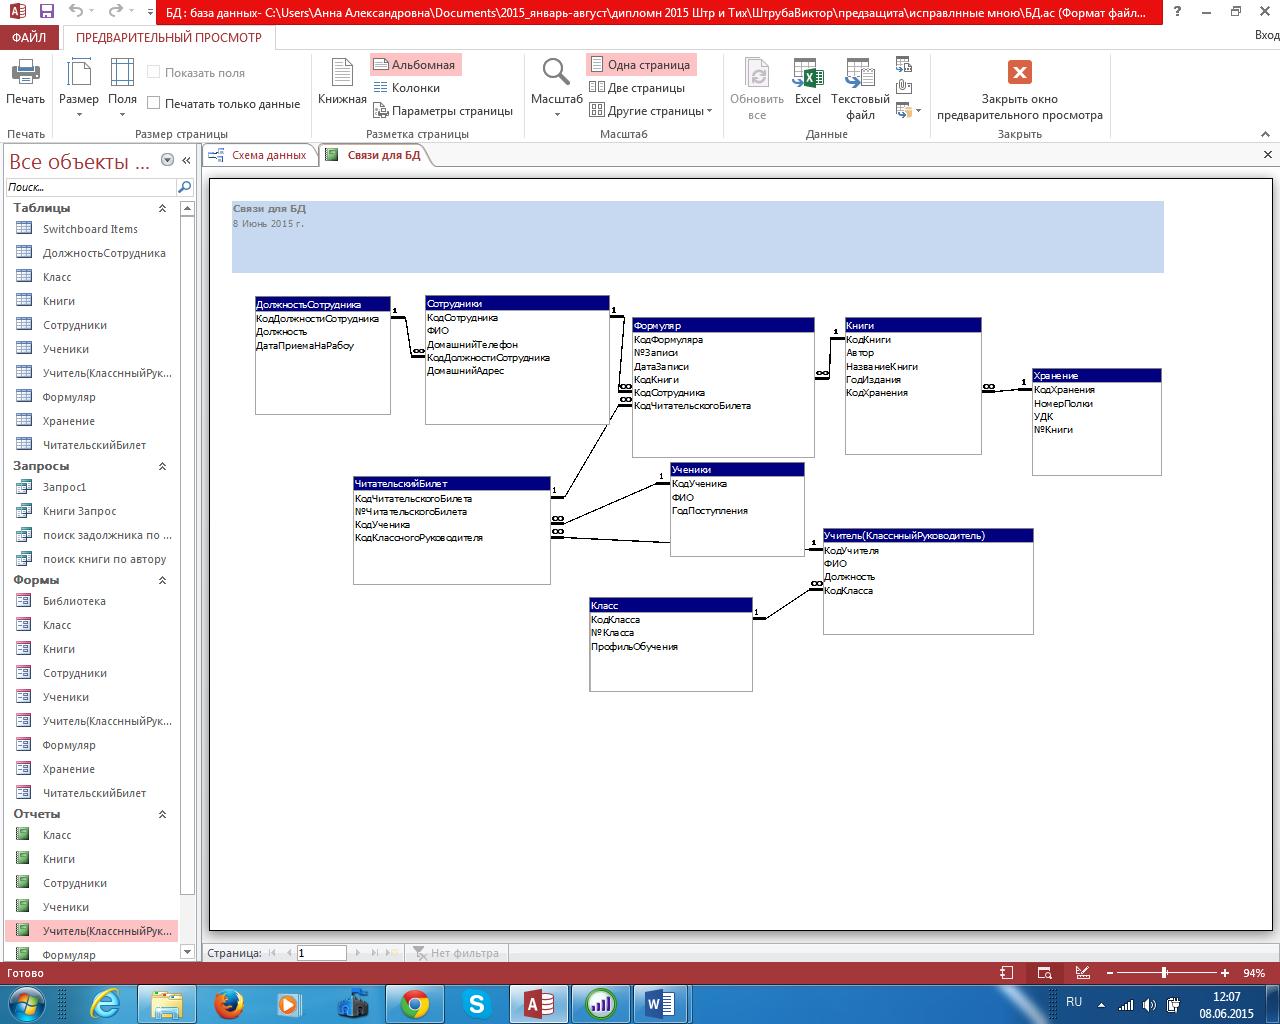 В схеме базы данных нет таблицы с именем system settings